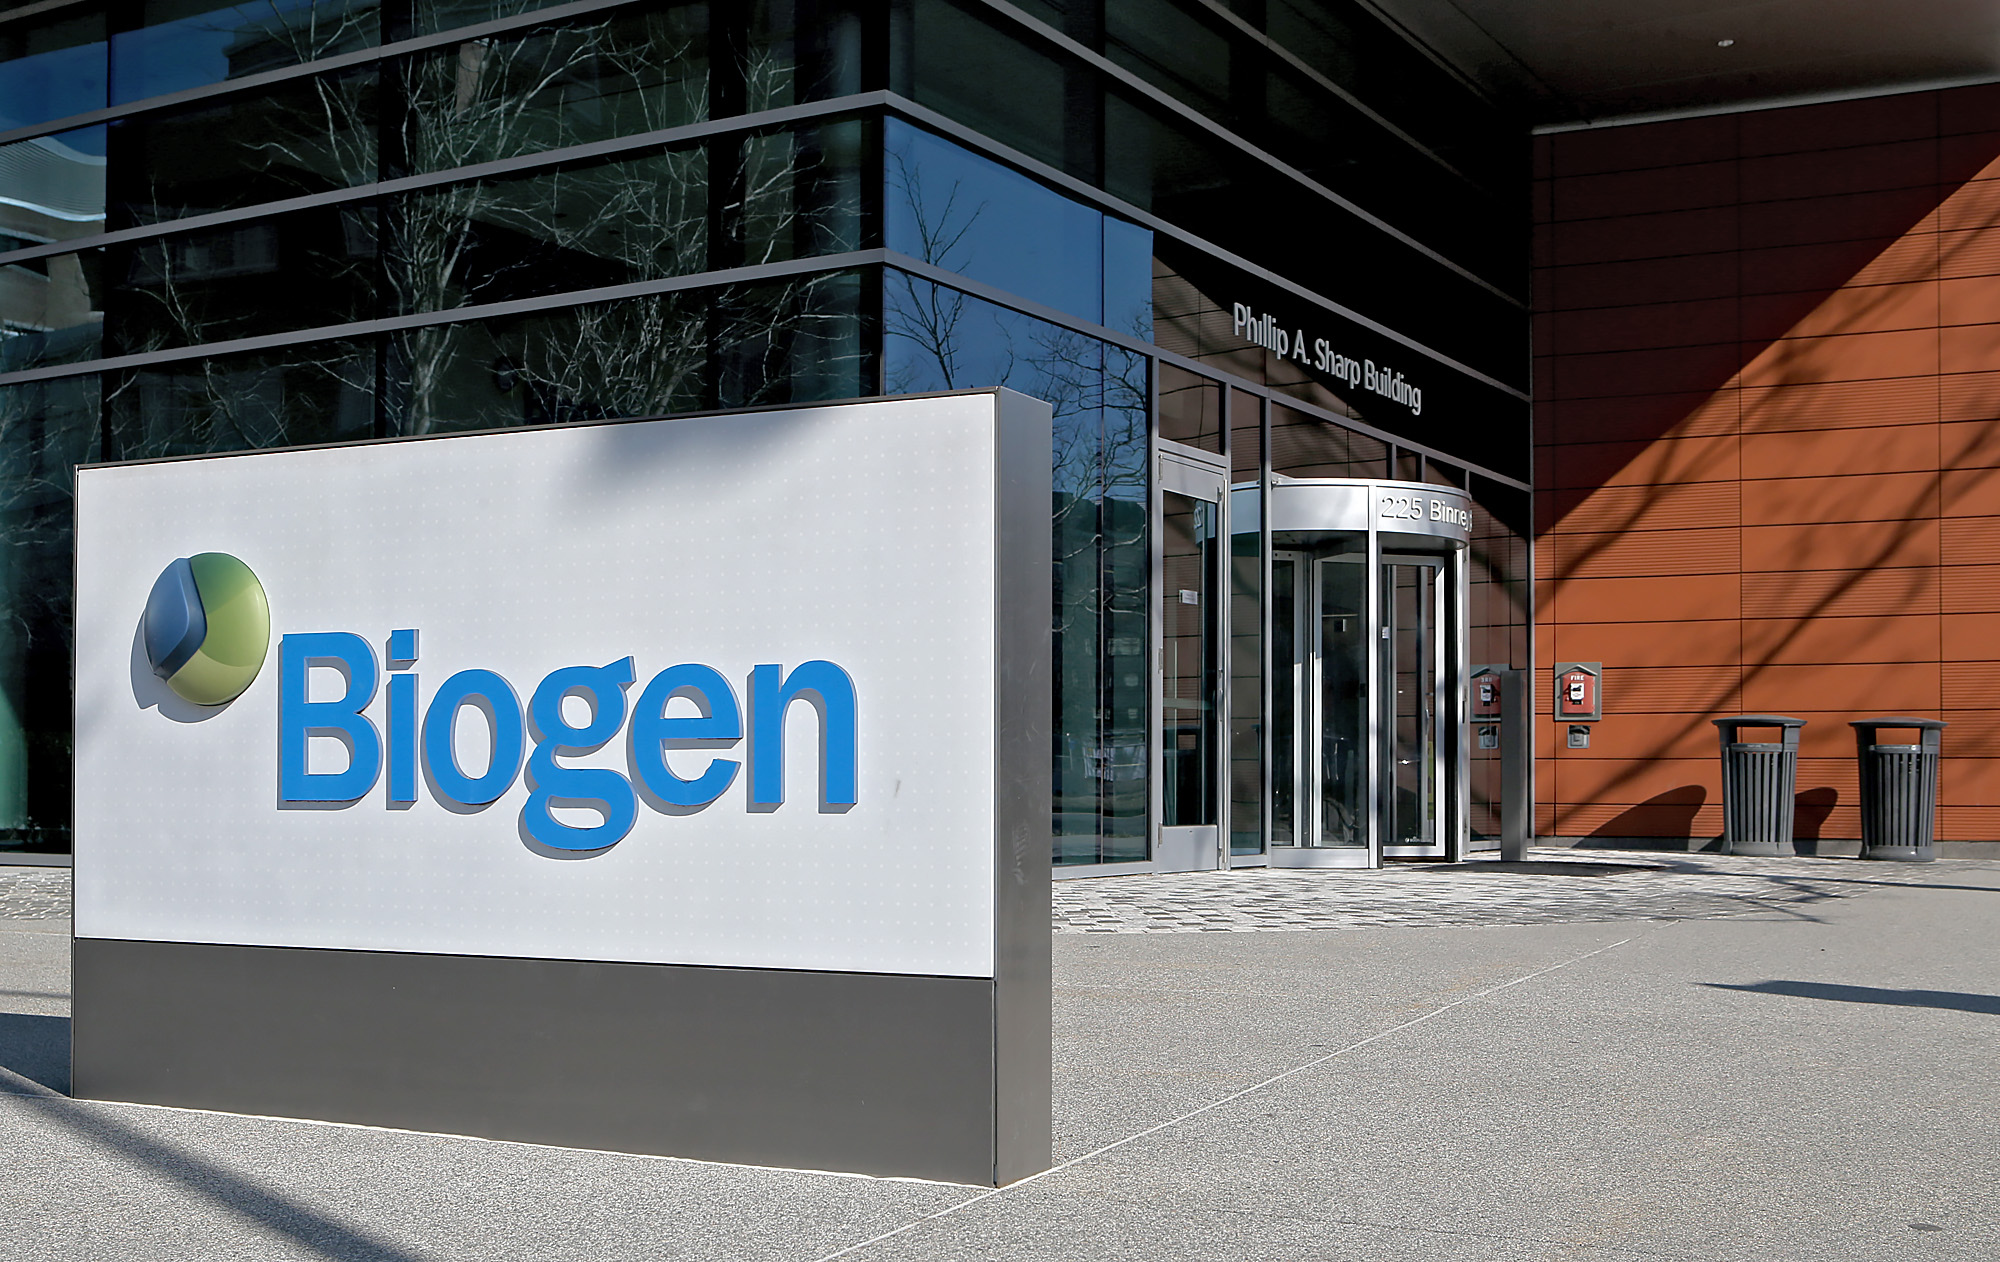 Biogen quer lançar produto para atrofia muscular espinhal